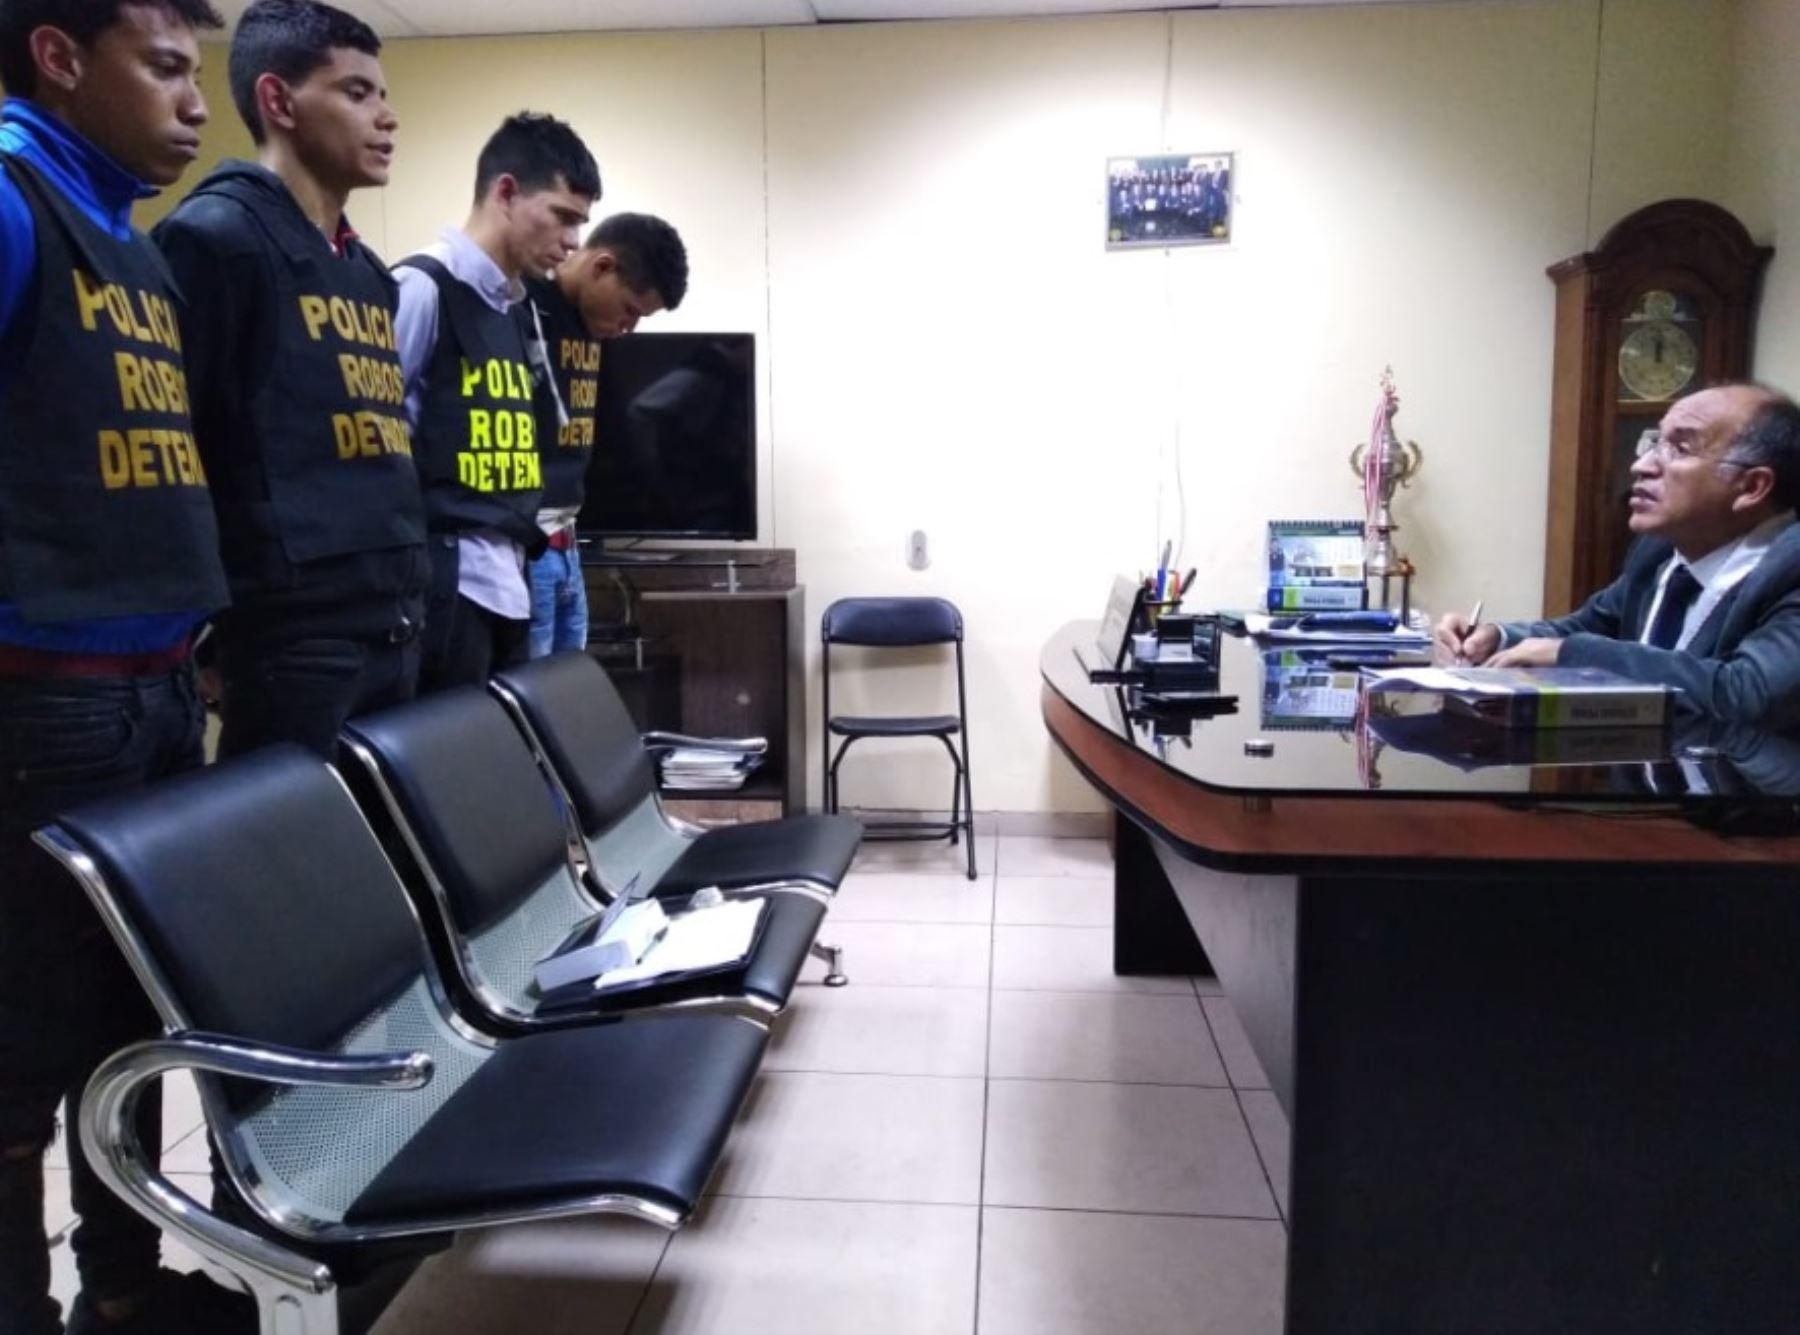 Resultado de imagen para cinco venezolanos arrestados por robo en peru